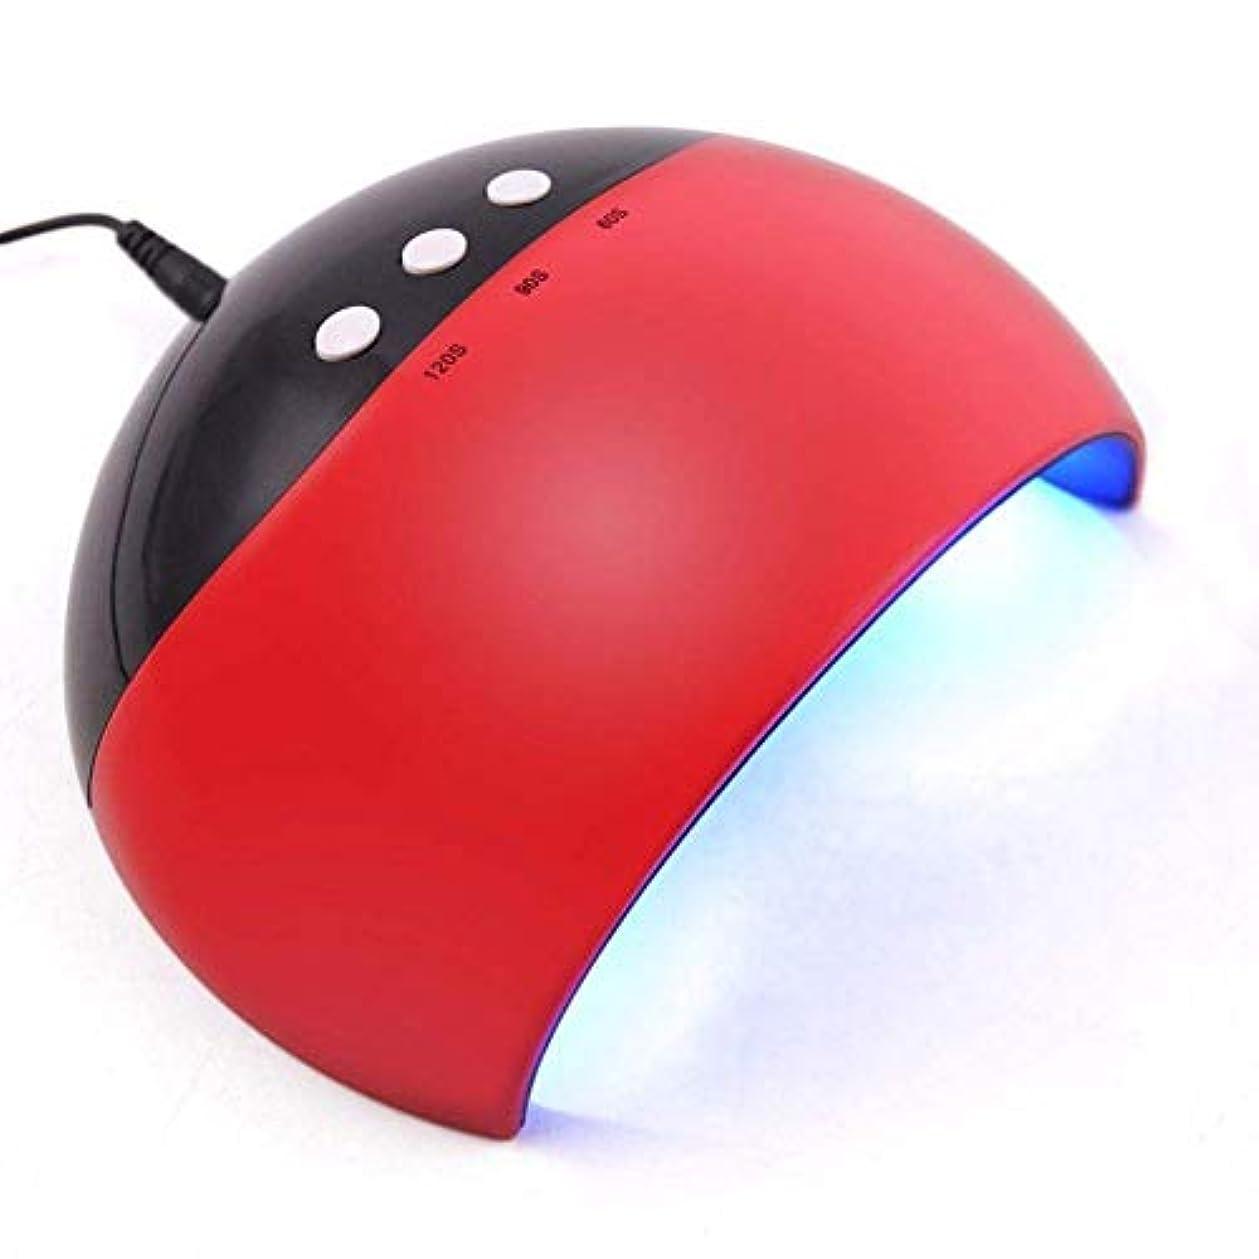 ピアース寛大な嬉しいですネイルドライヤー新しいスタイルLED UVネイルドライヤーポータブルサポートUSB LEDランプネイルドライヤーUV硬化ゲル用速乾性24WサポートUSB充電、写真の色